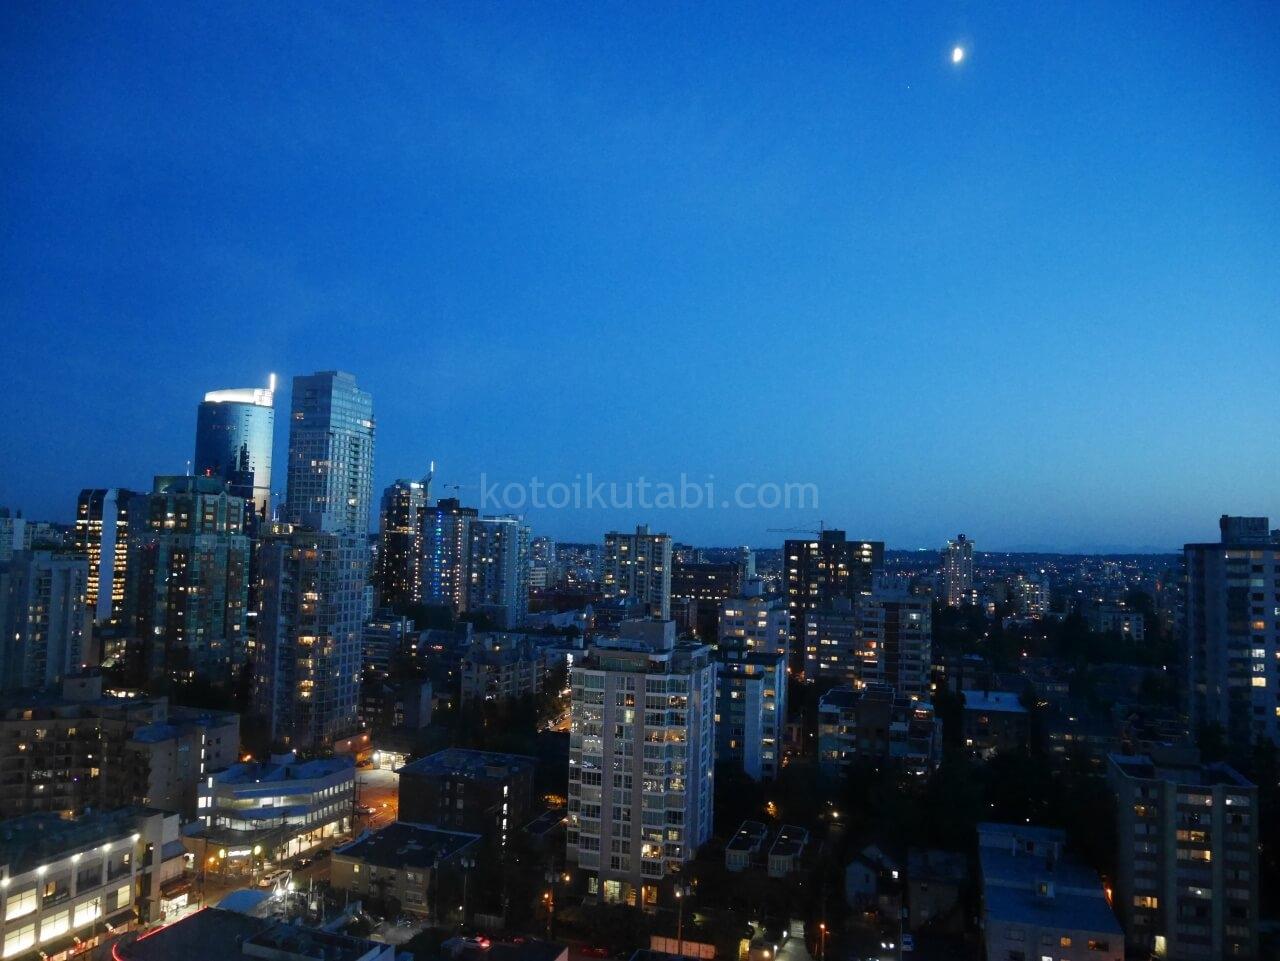 ホテルカーマナプラザ部屋からの夜景